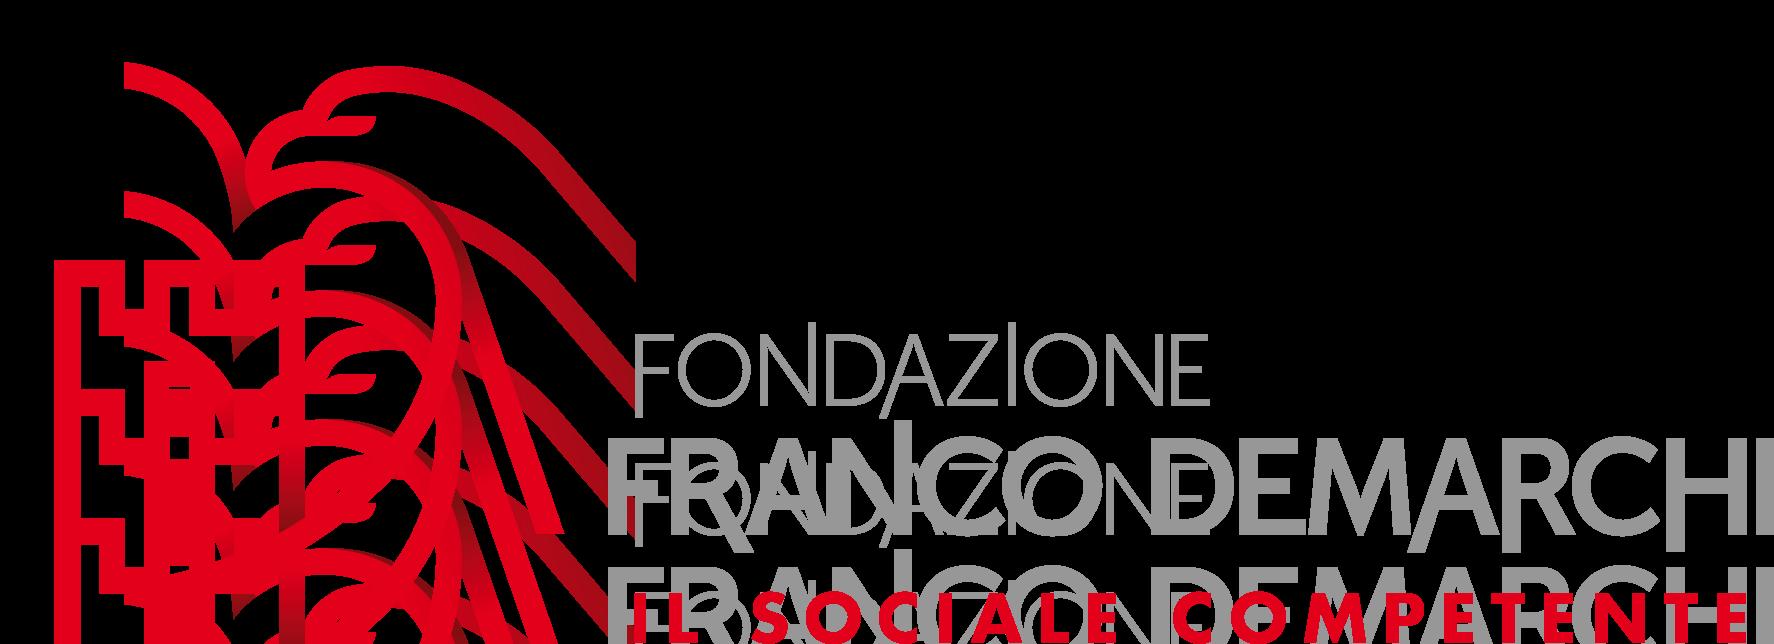 Fondazione Demarchi